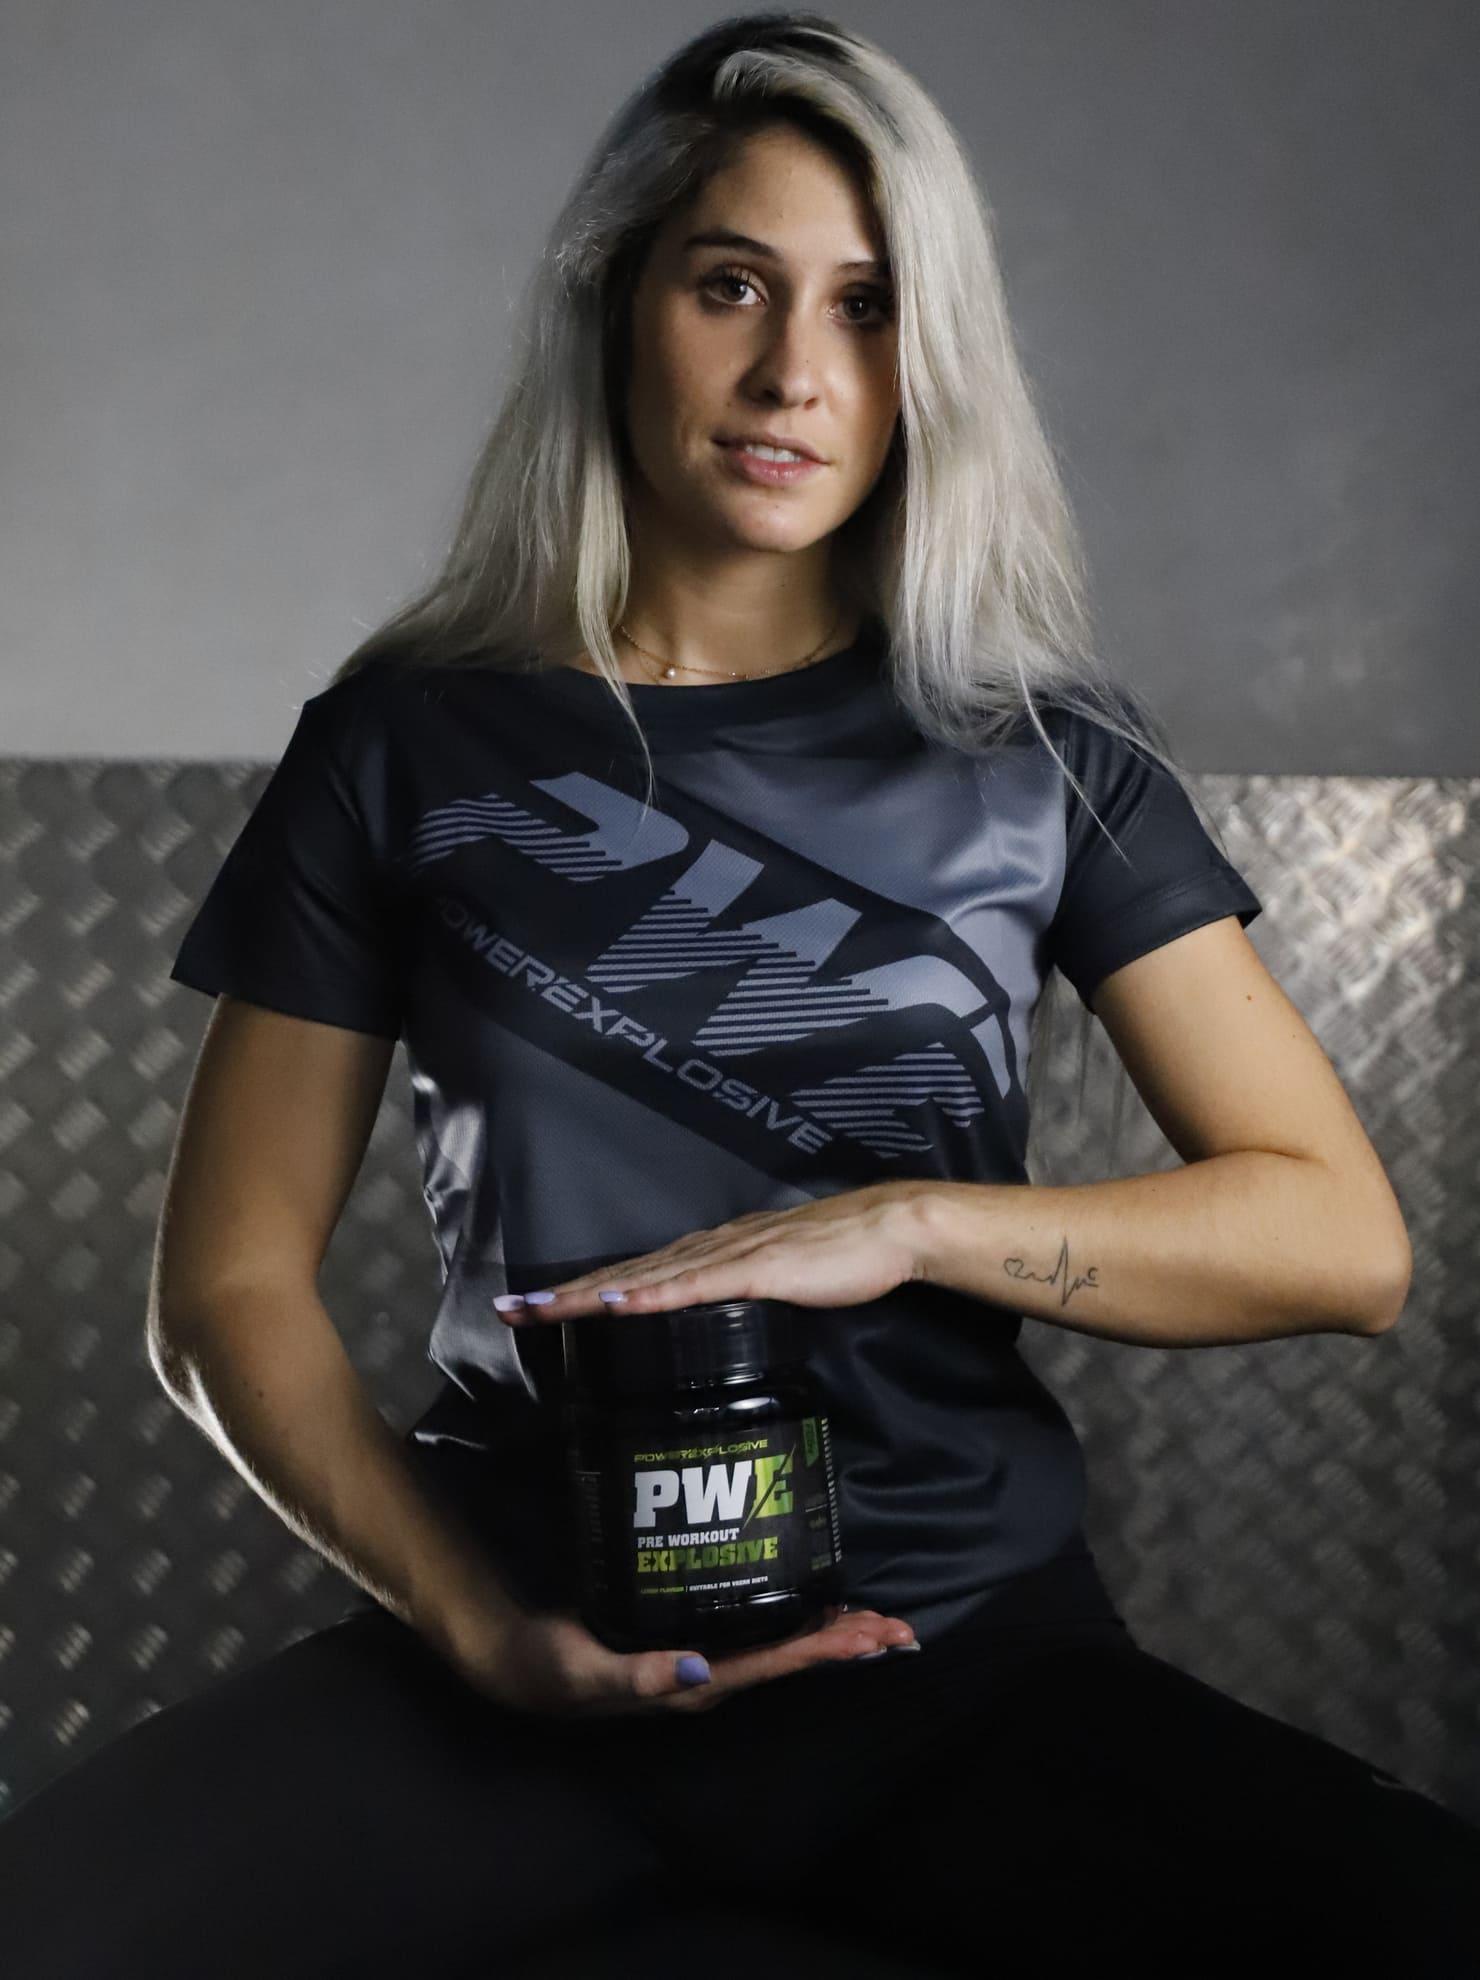 fotografia de producto portfolio powerexplosive